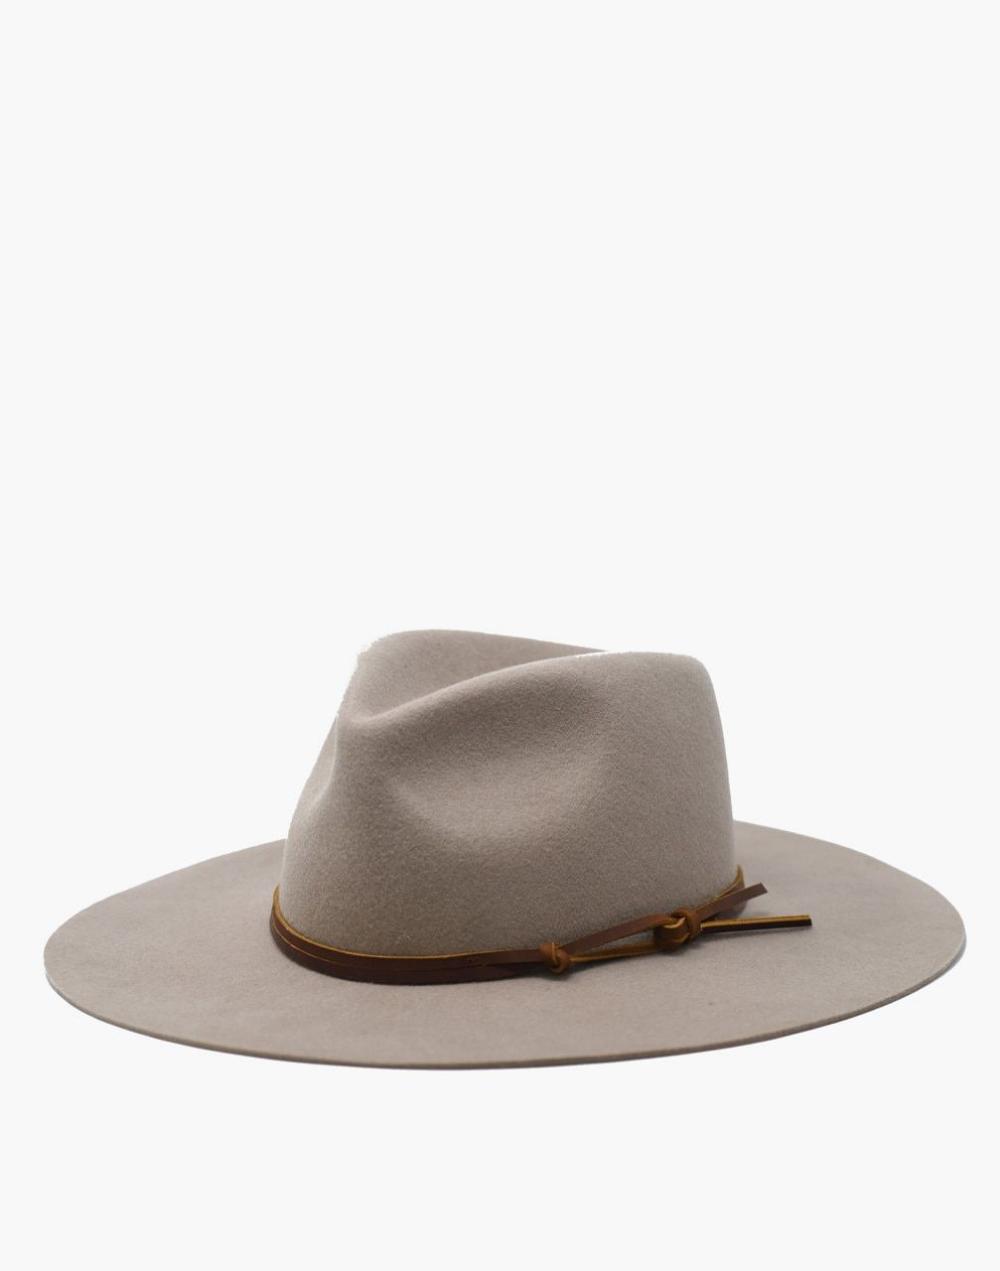 Monroe Hat For Women Men Hat Headwear Custom Felt Cowboy Hats Easy Hea Rancher Hat Cowboy Hats Hats For Men